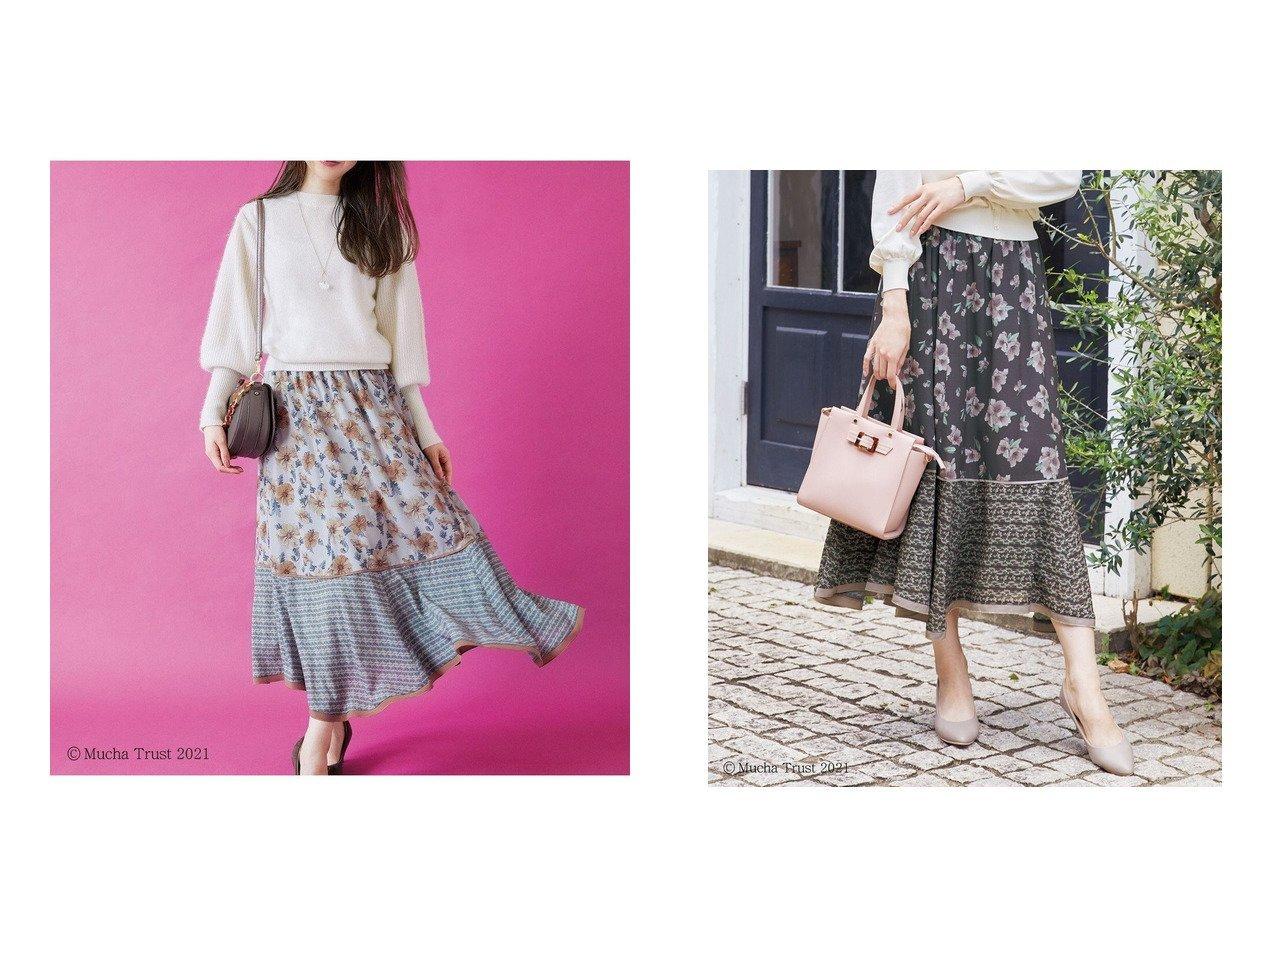 【Feroux/フェルゥ】の【Mucha】アートフラワープリントスカート 【スカート】おすすめ!人気、トレンド・レディースファッションの通販 おすすめで人気の流行・トレンド、ファッションの通販商品 インテリア・家具・メンズファッション・キッズファッション・レディースファッション・服の通販 founy(ファニー) https://founy.com/ ファッション Fashion レディースファッション WOMEN スカート Skirt 切替 トレンド プリント ヘムライン マーメイド モチーフ 送料無料 Free Shipping  ID:crp329100000071811